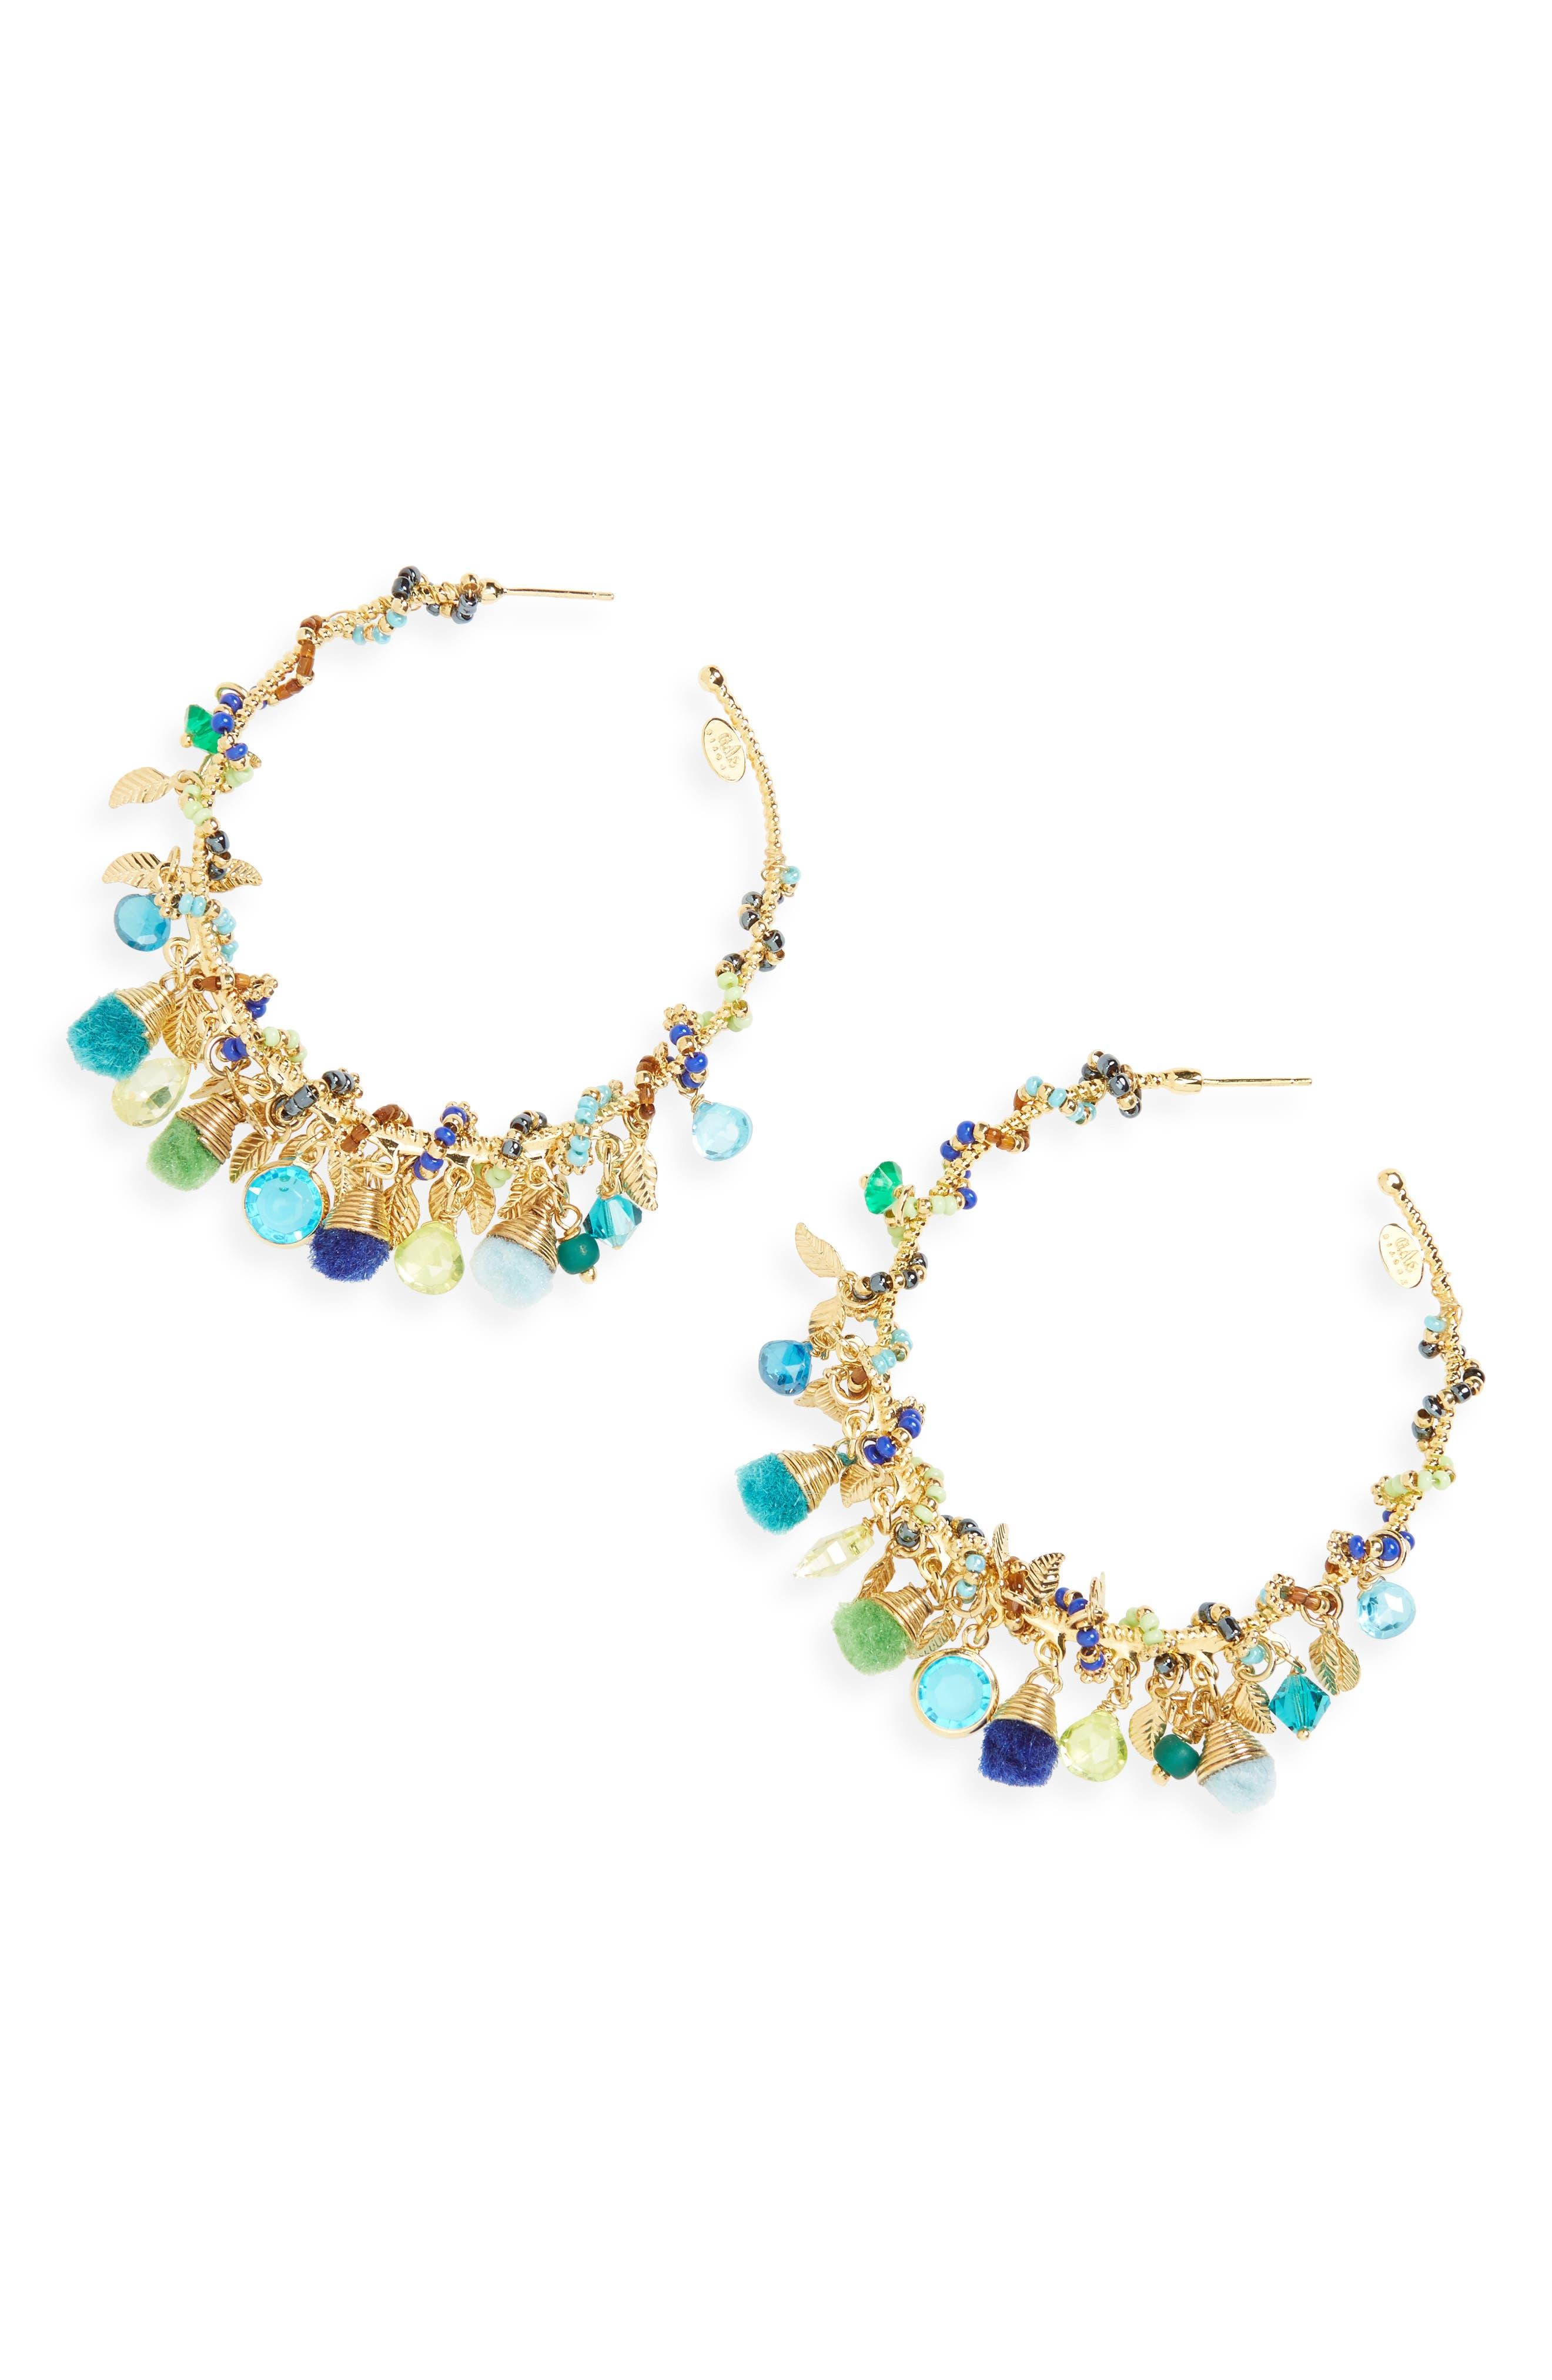 Folia Hoop Earrings,                             Main thumbnail 1, color,                             Blue Green/ Gold